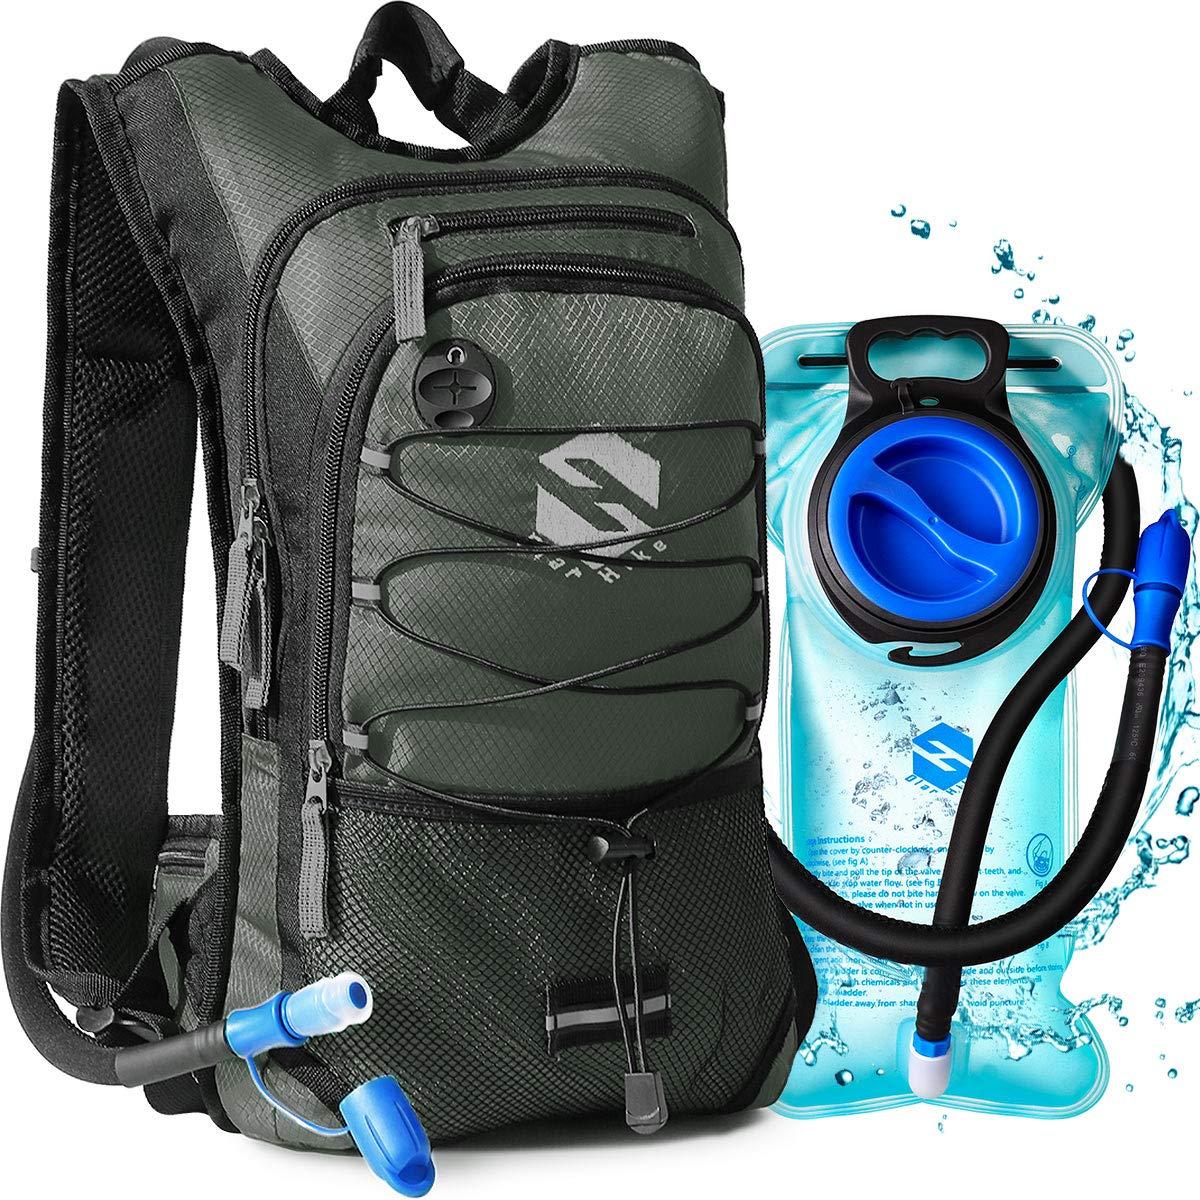 OlarHike Hydration Backpack Pack with 2L BPA Free Leak-Proof Bladder, Insulated Water Backpack for Hiking,Biking,Running,Camping by OlarHike